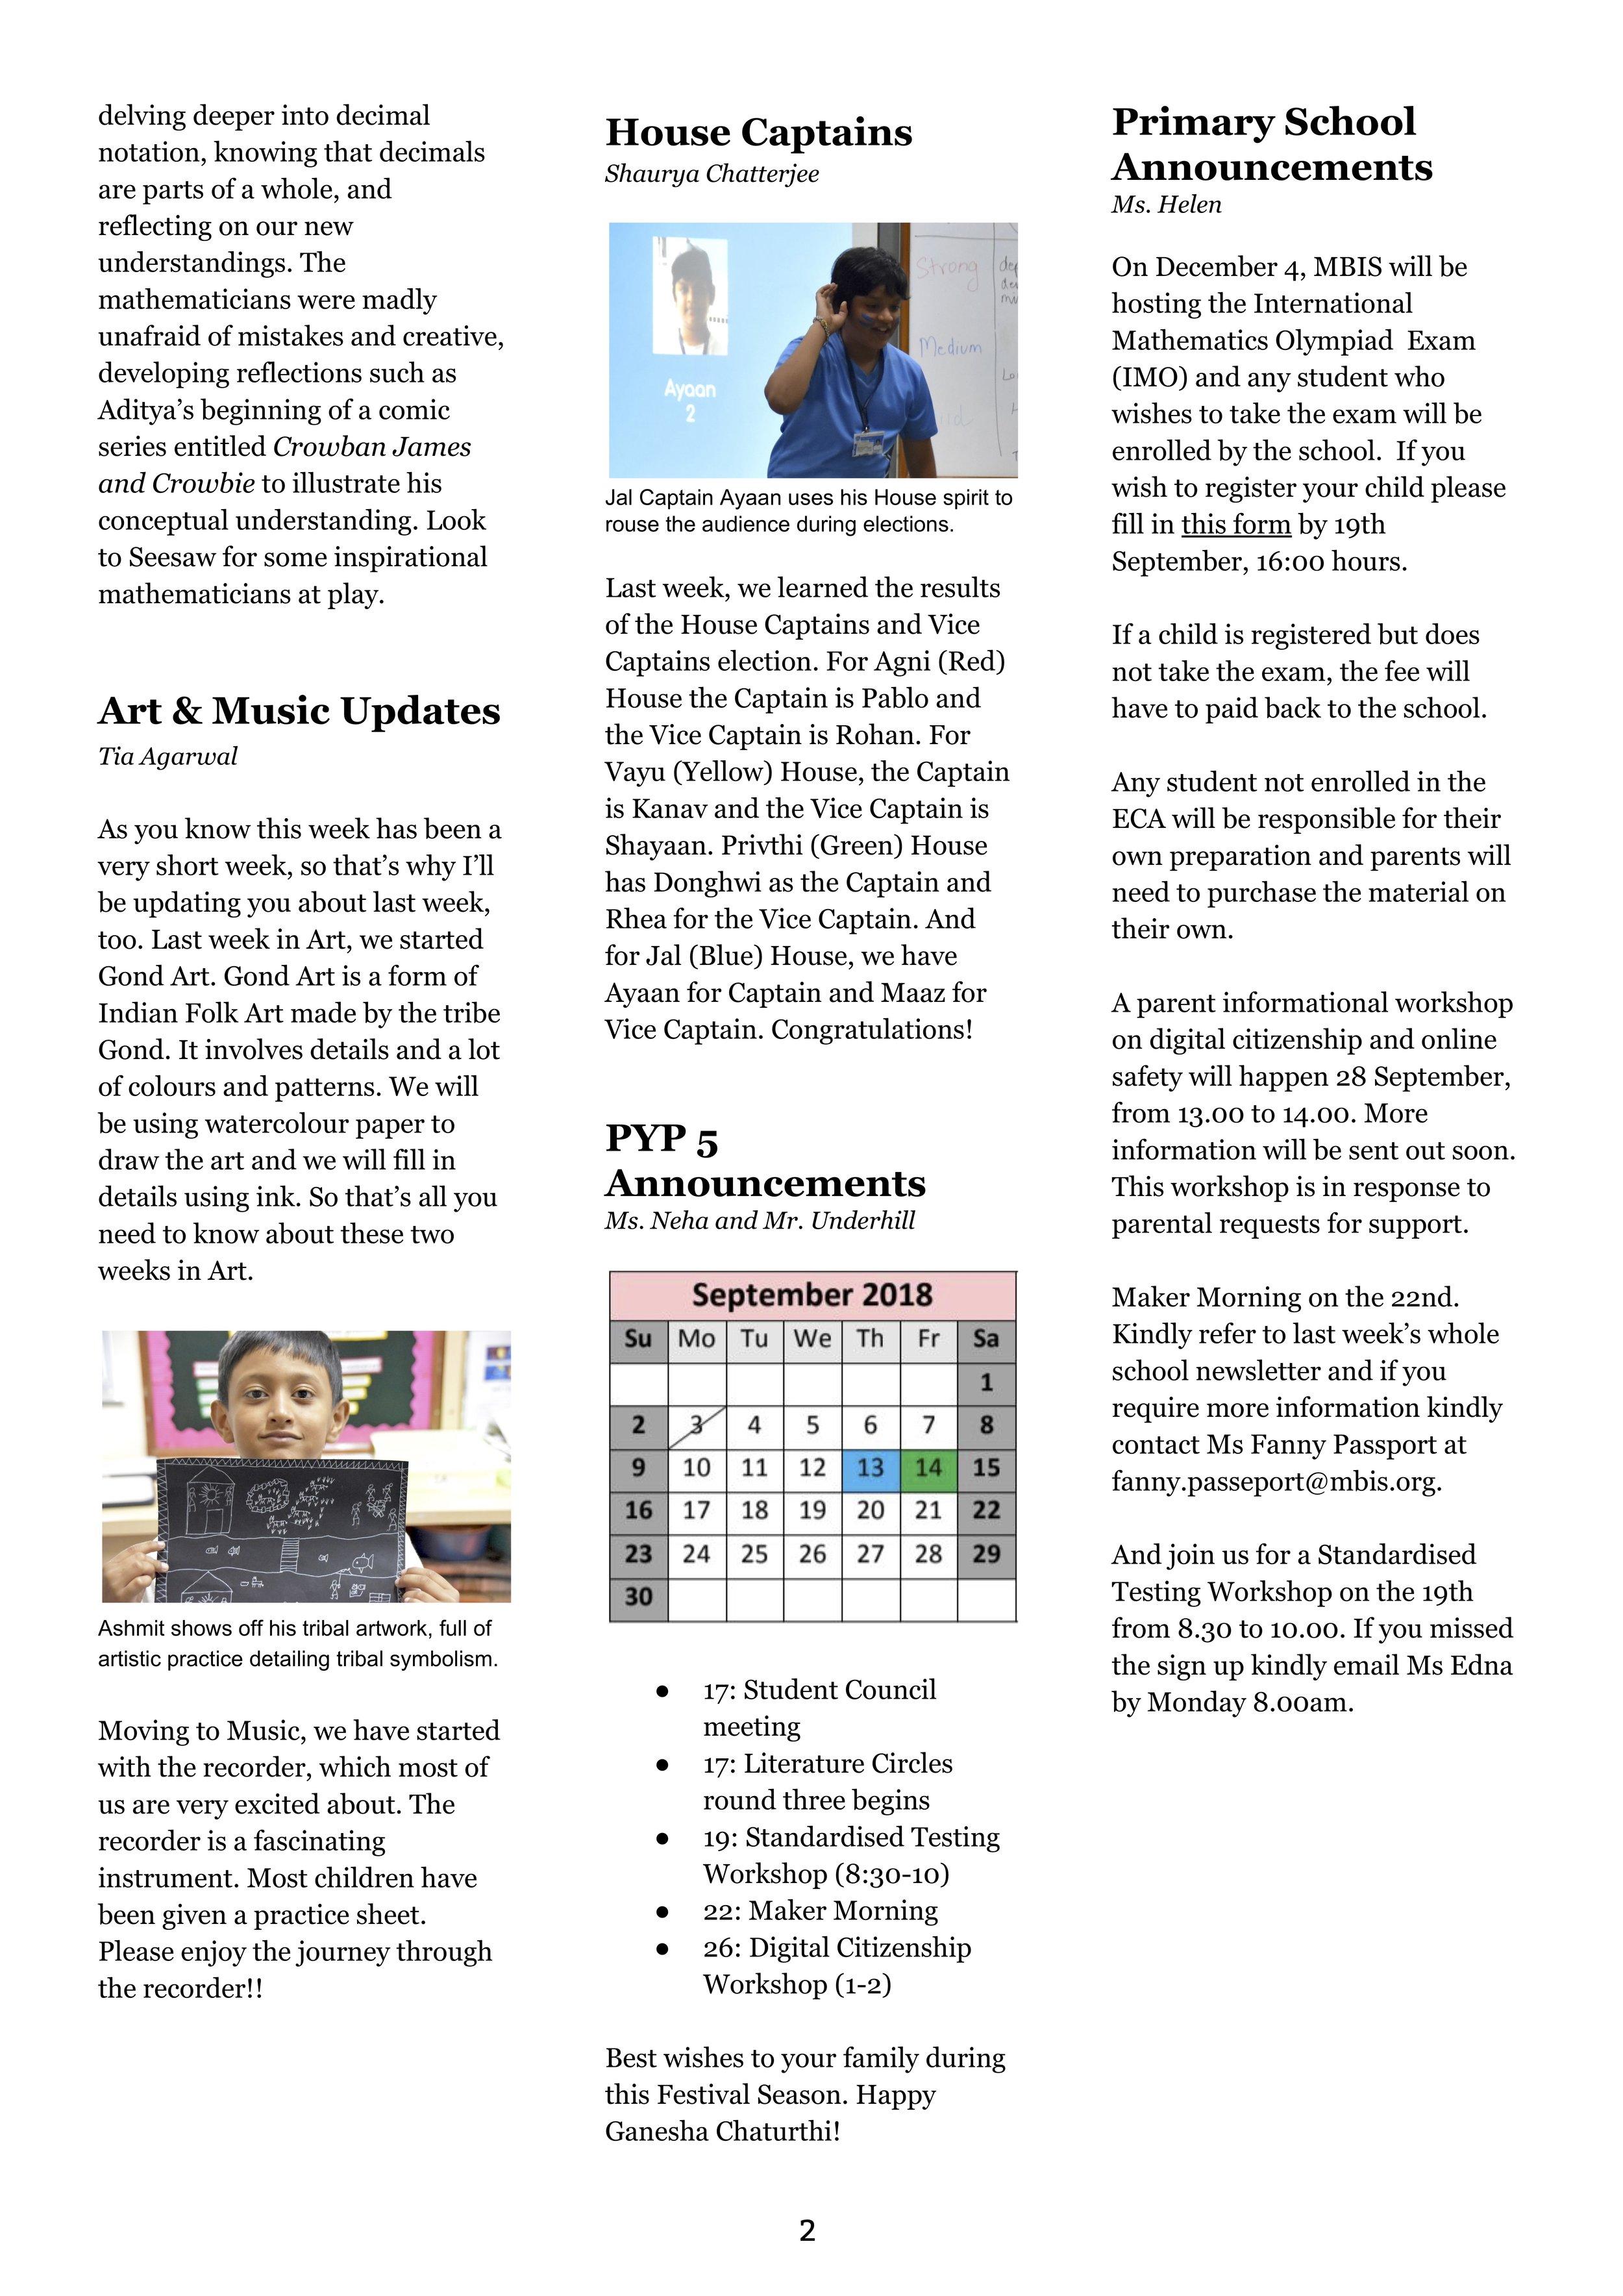 180914 PYP 5 Weekly Update p2.jpg